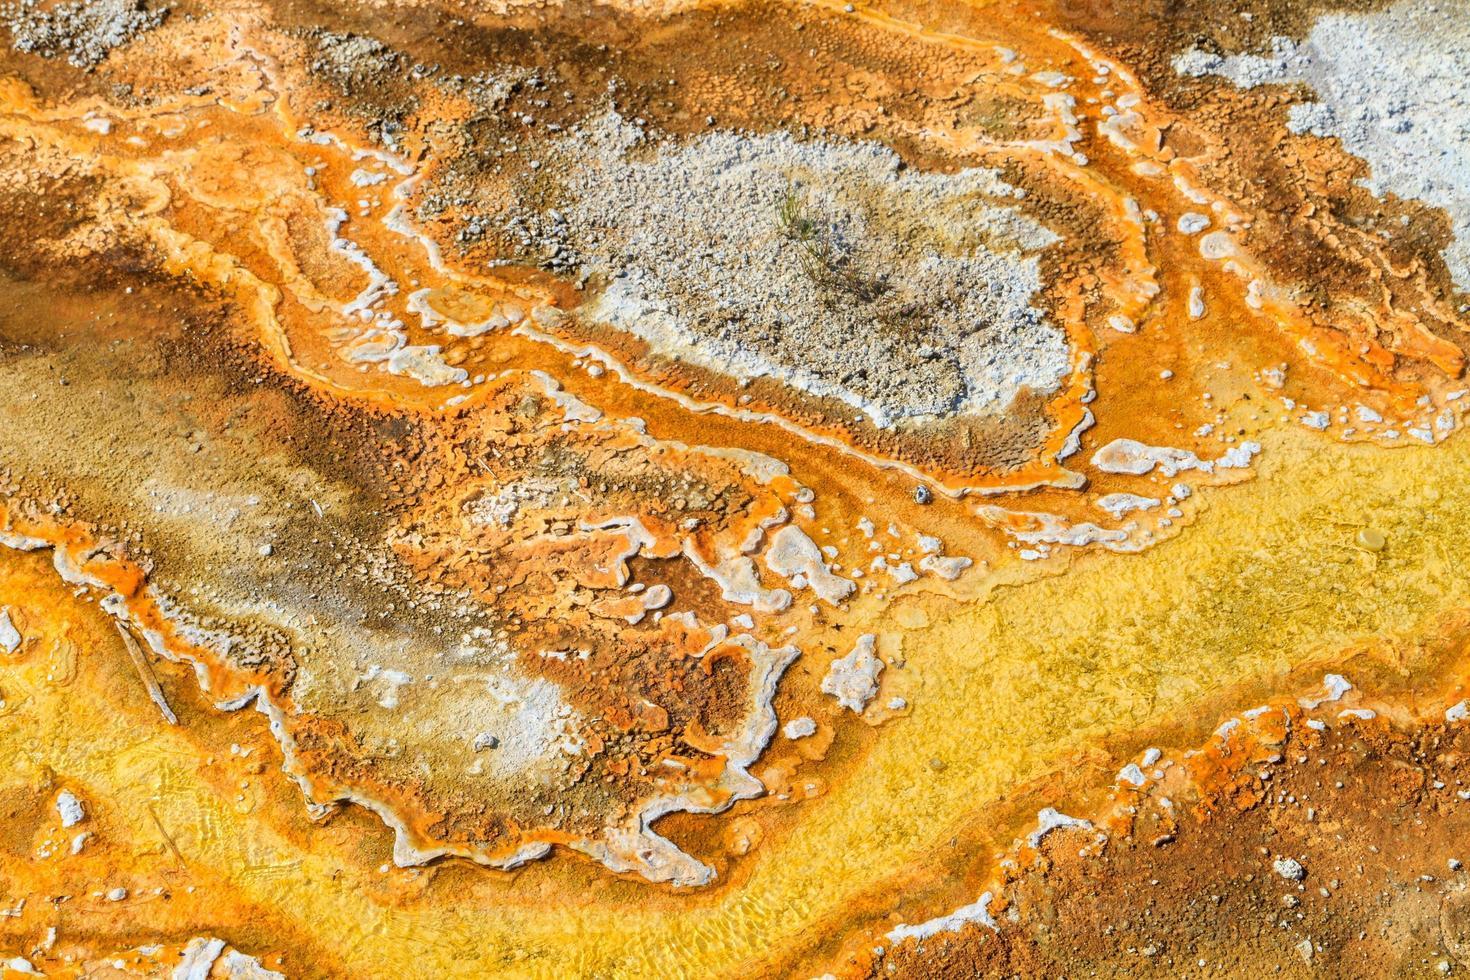 microbiële matten in geothermische poelen, het nationaal park yellowstone foto